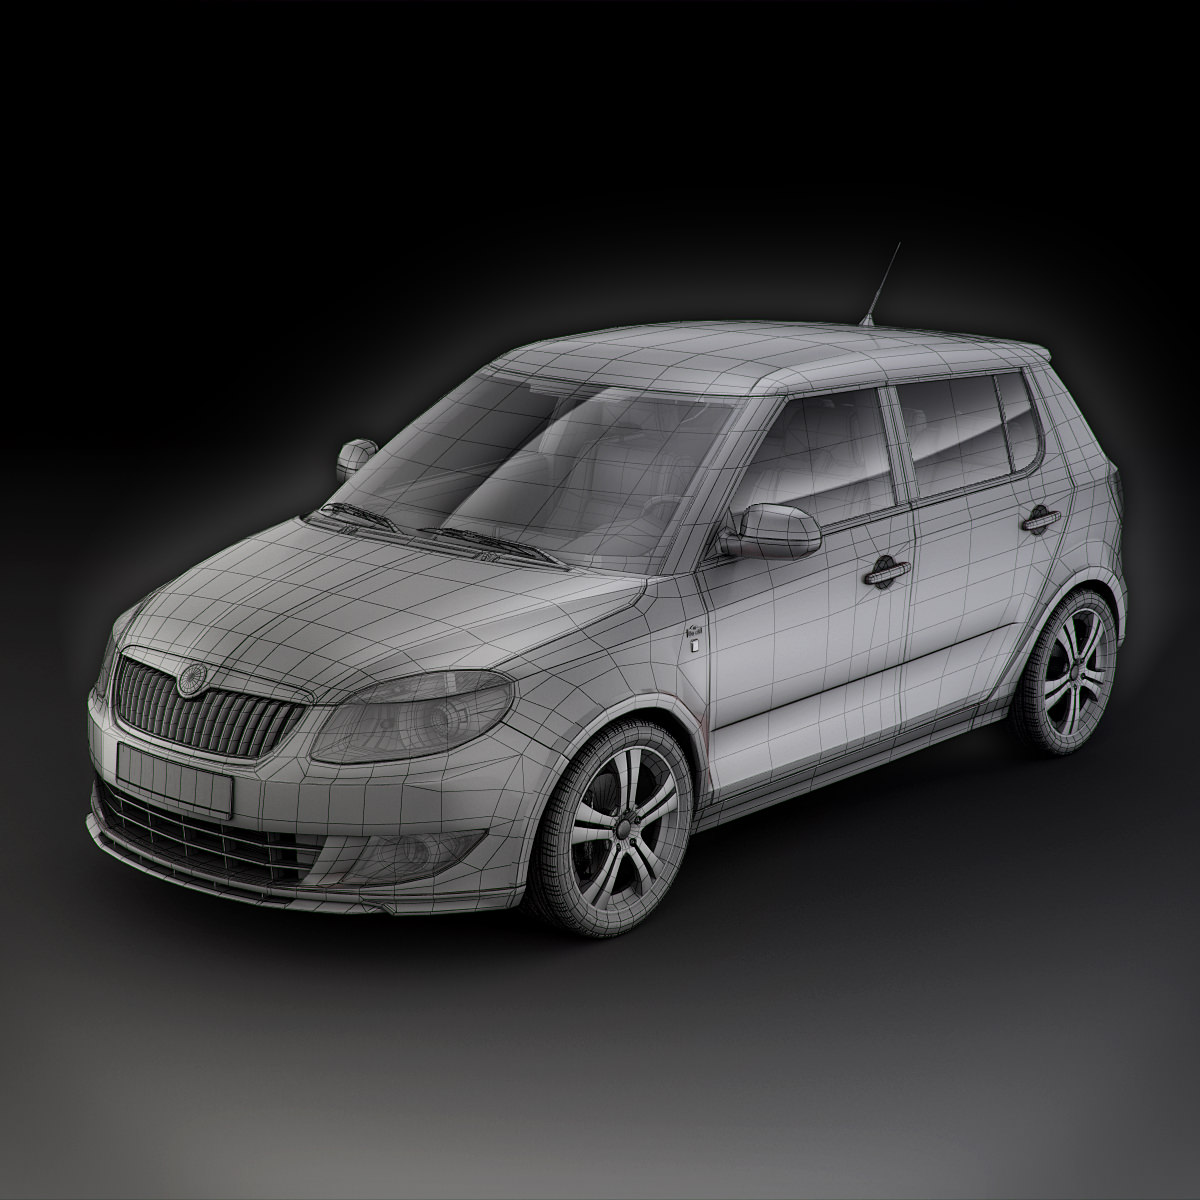 skoda fabia 5j monte carlo 2011 3d models. Black Bedroom Furniture Sets. Home Design Ideas